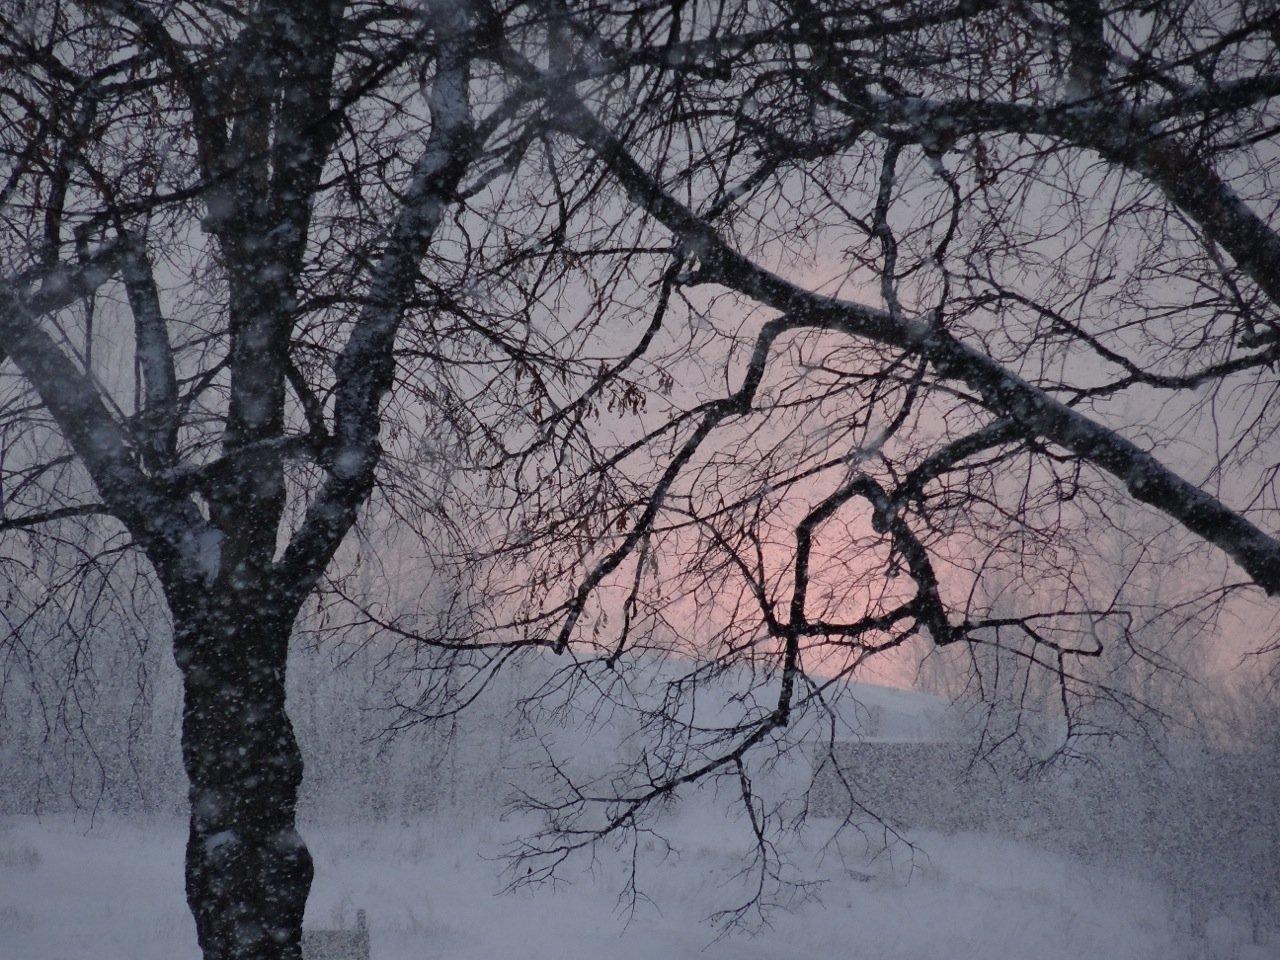 Winter in Helsinki - Baum vor rosa Himmel und leichter Schneefall ©Tarja Prüss   Reiseblog Finnland